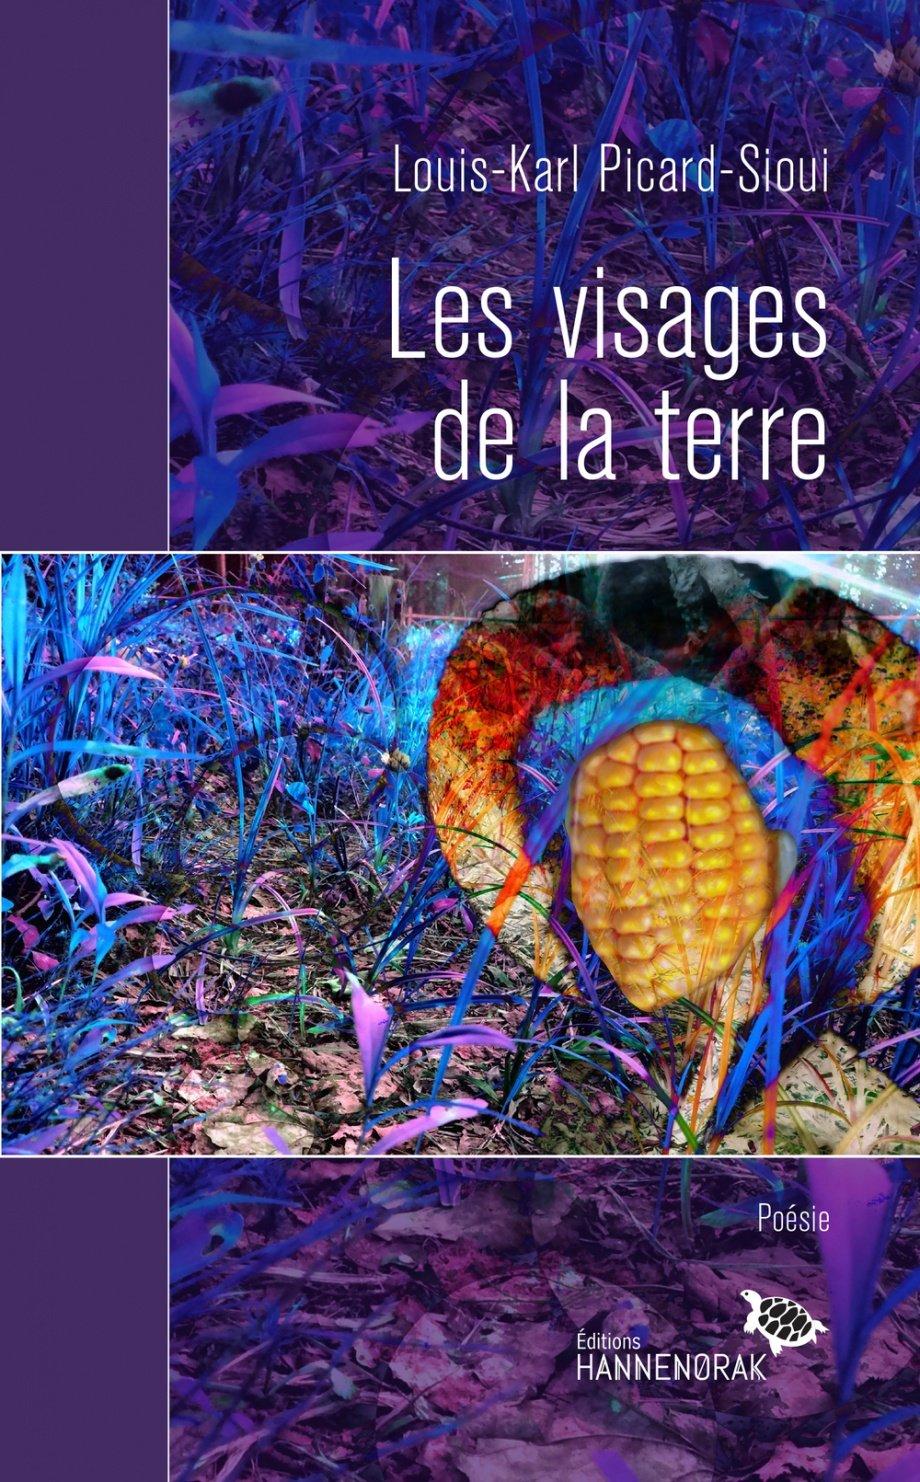 Les visages de la terres, un recueil de poésie de Louis-Karl Picard-Sioui